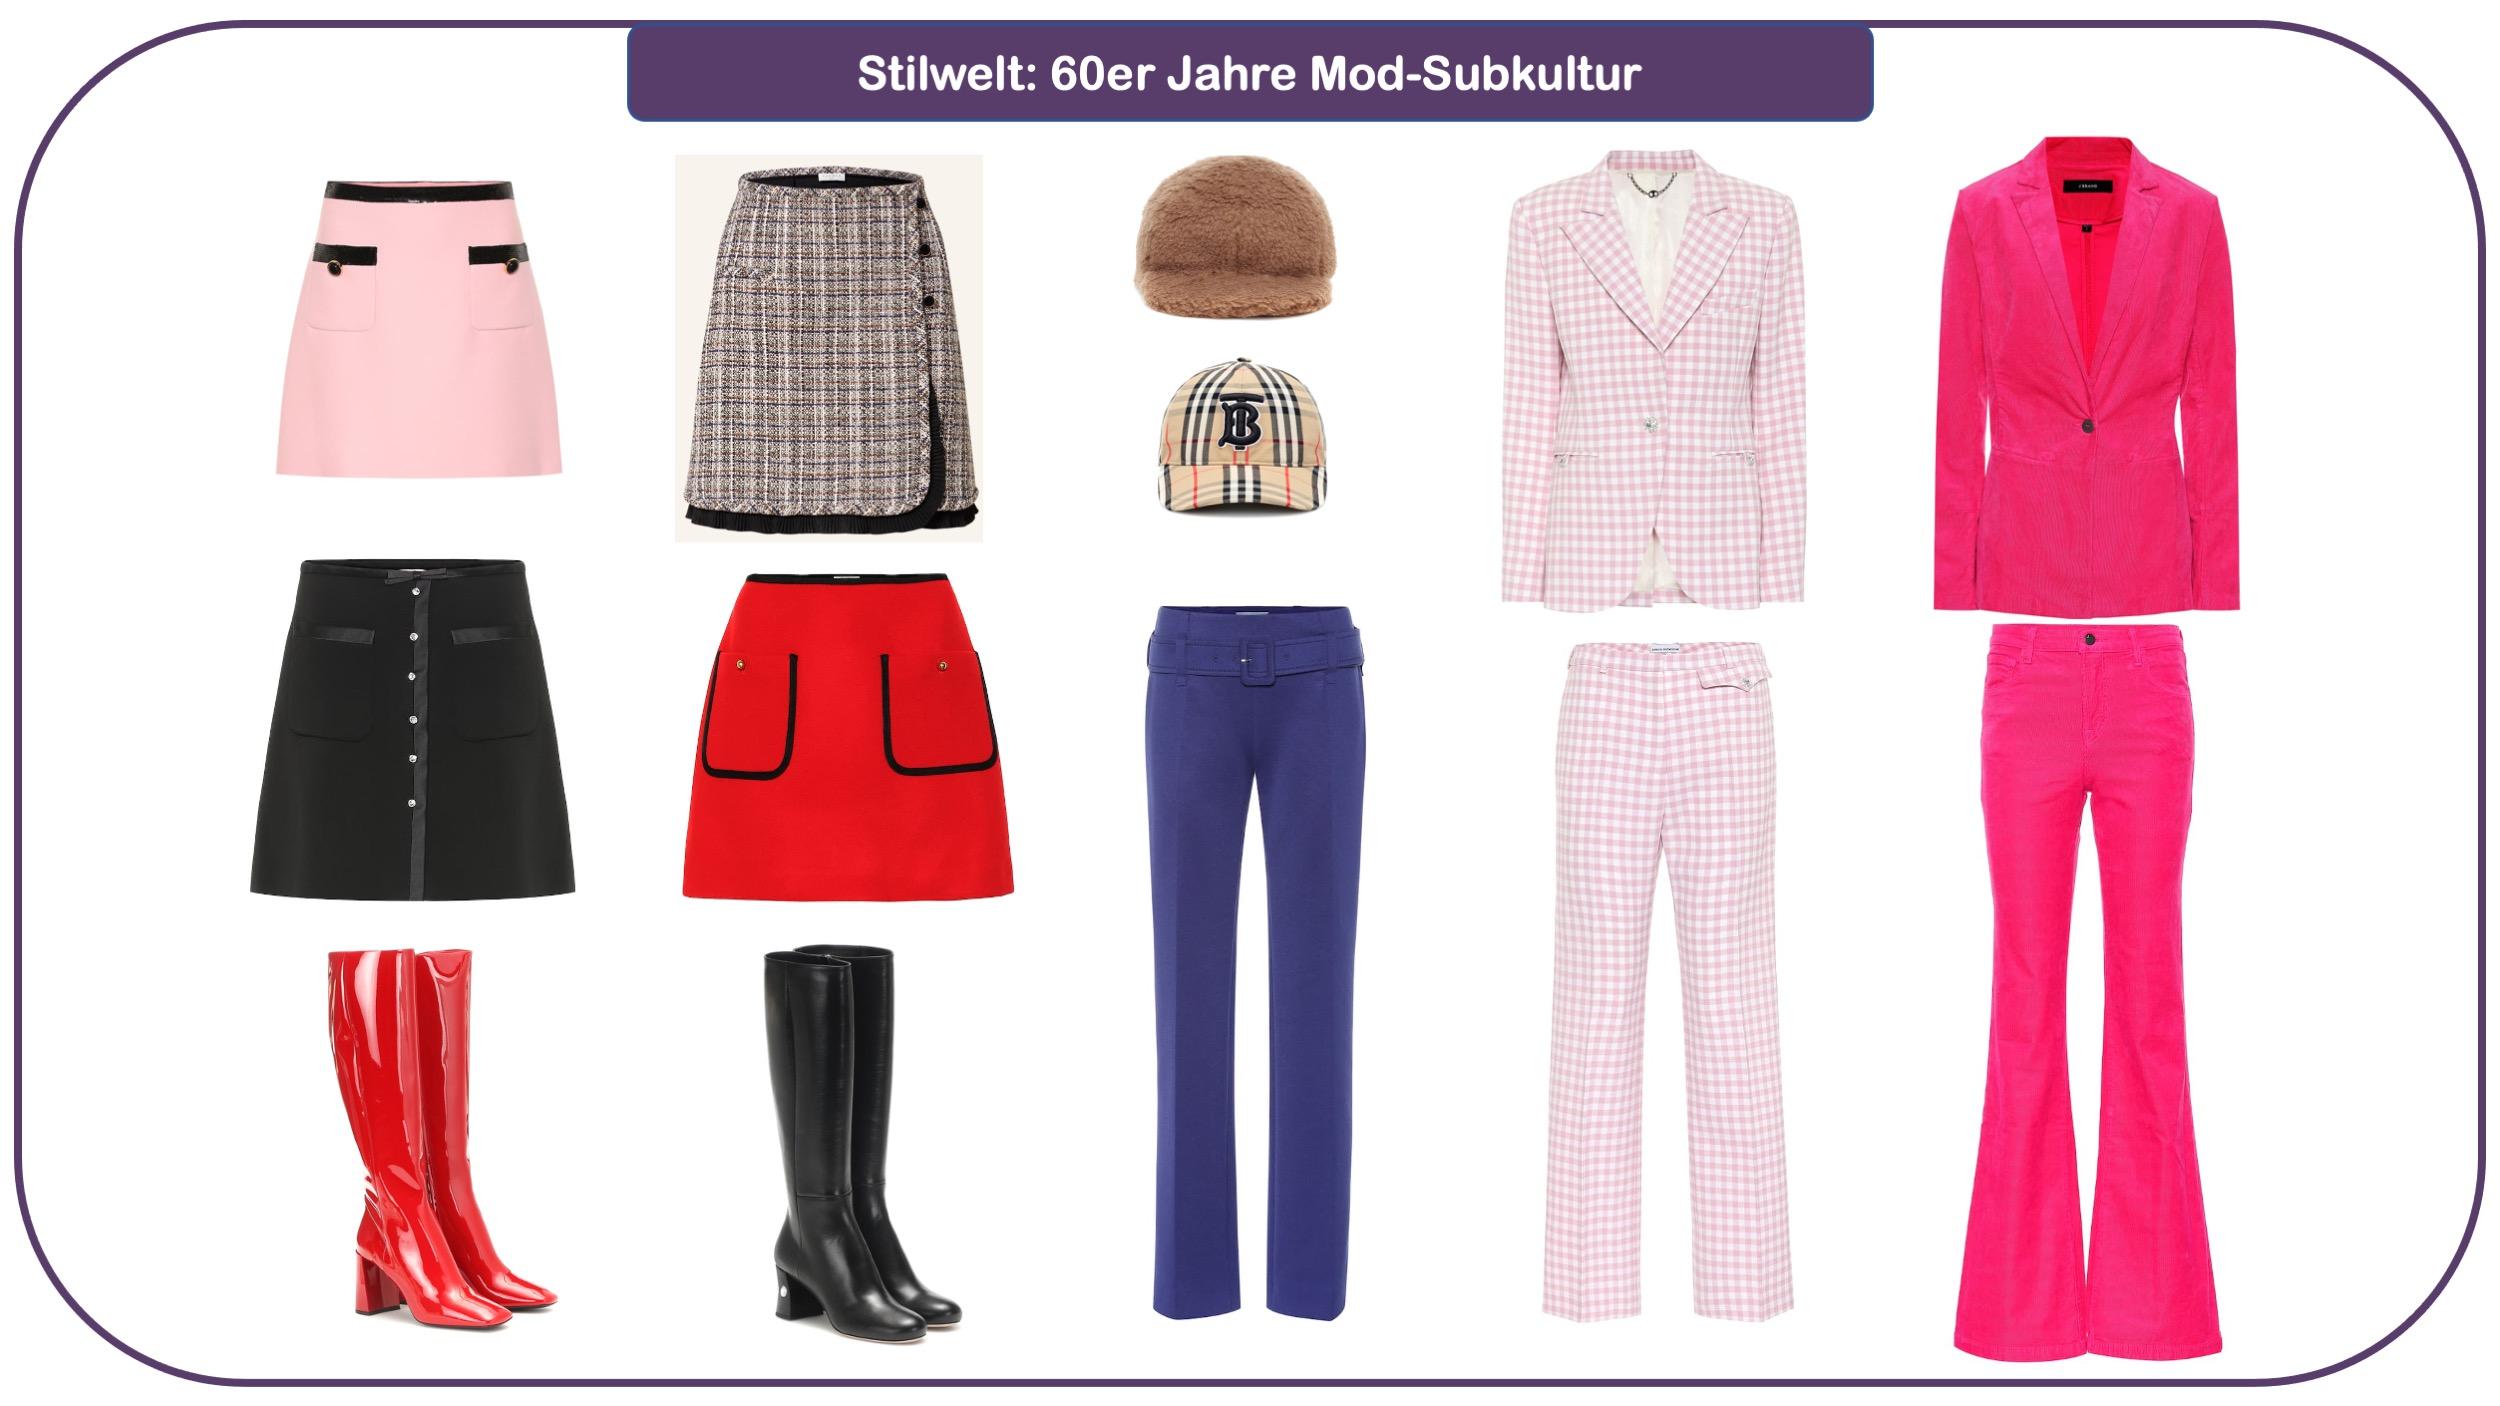 Modetrends für Herbst und Winter 2021/22 - Mod-Subkultur